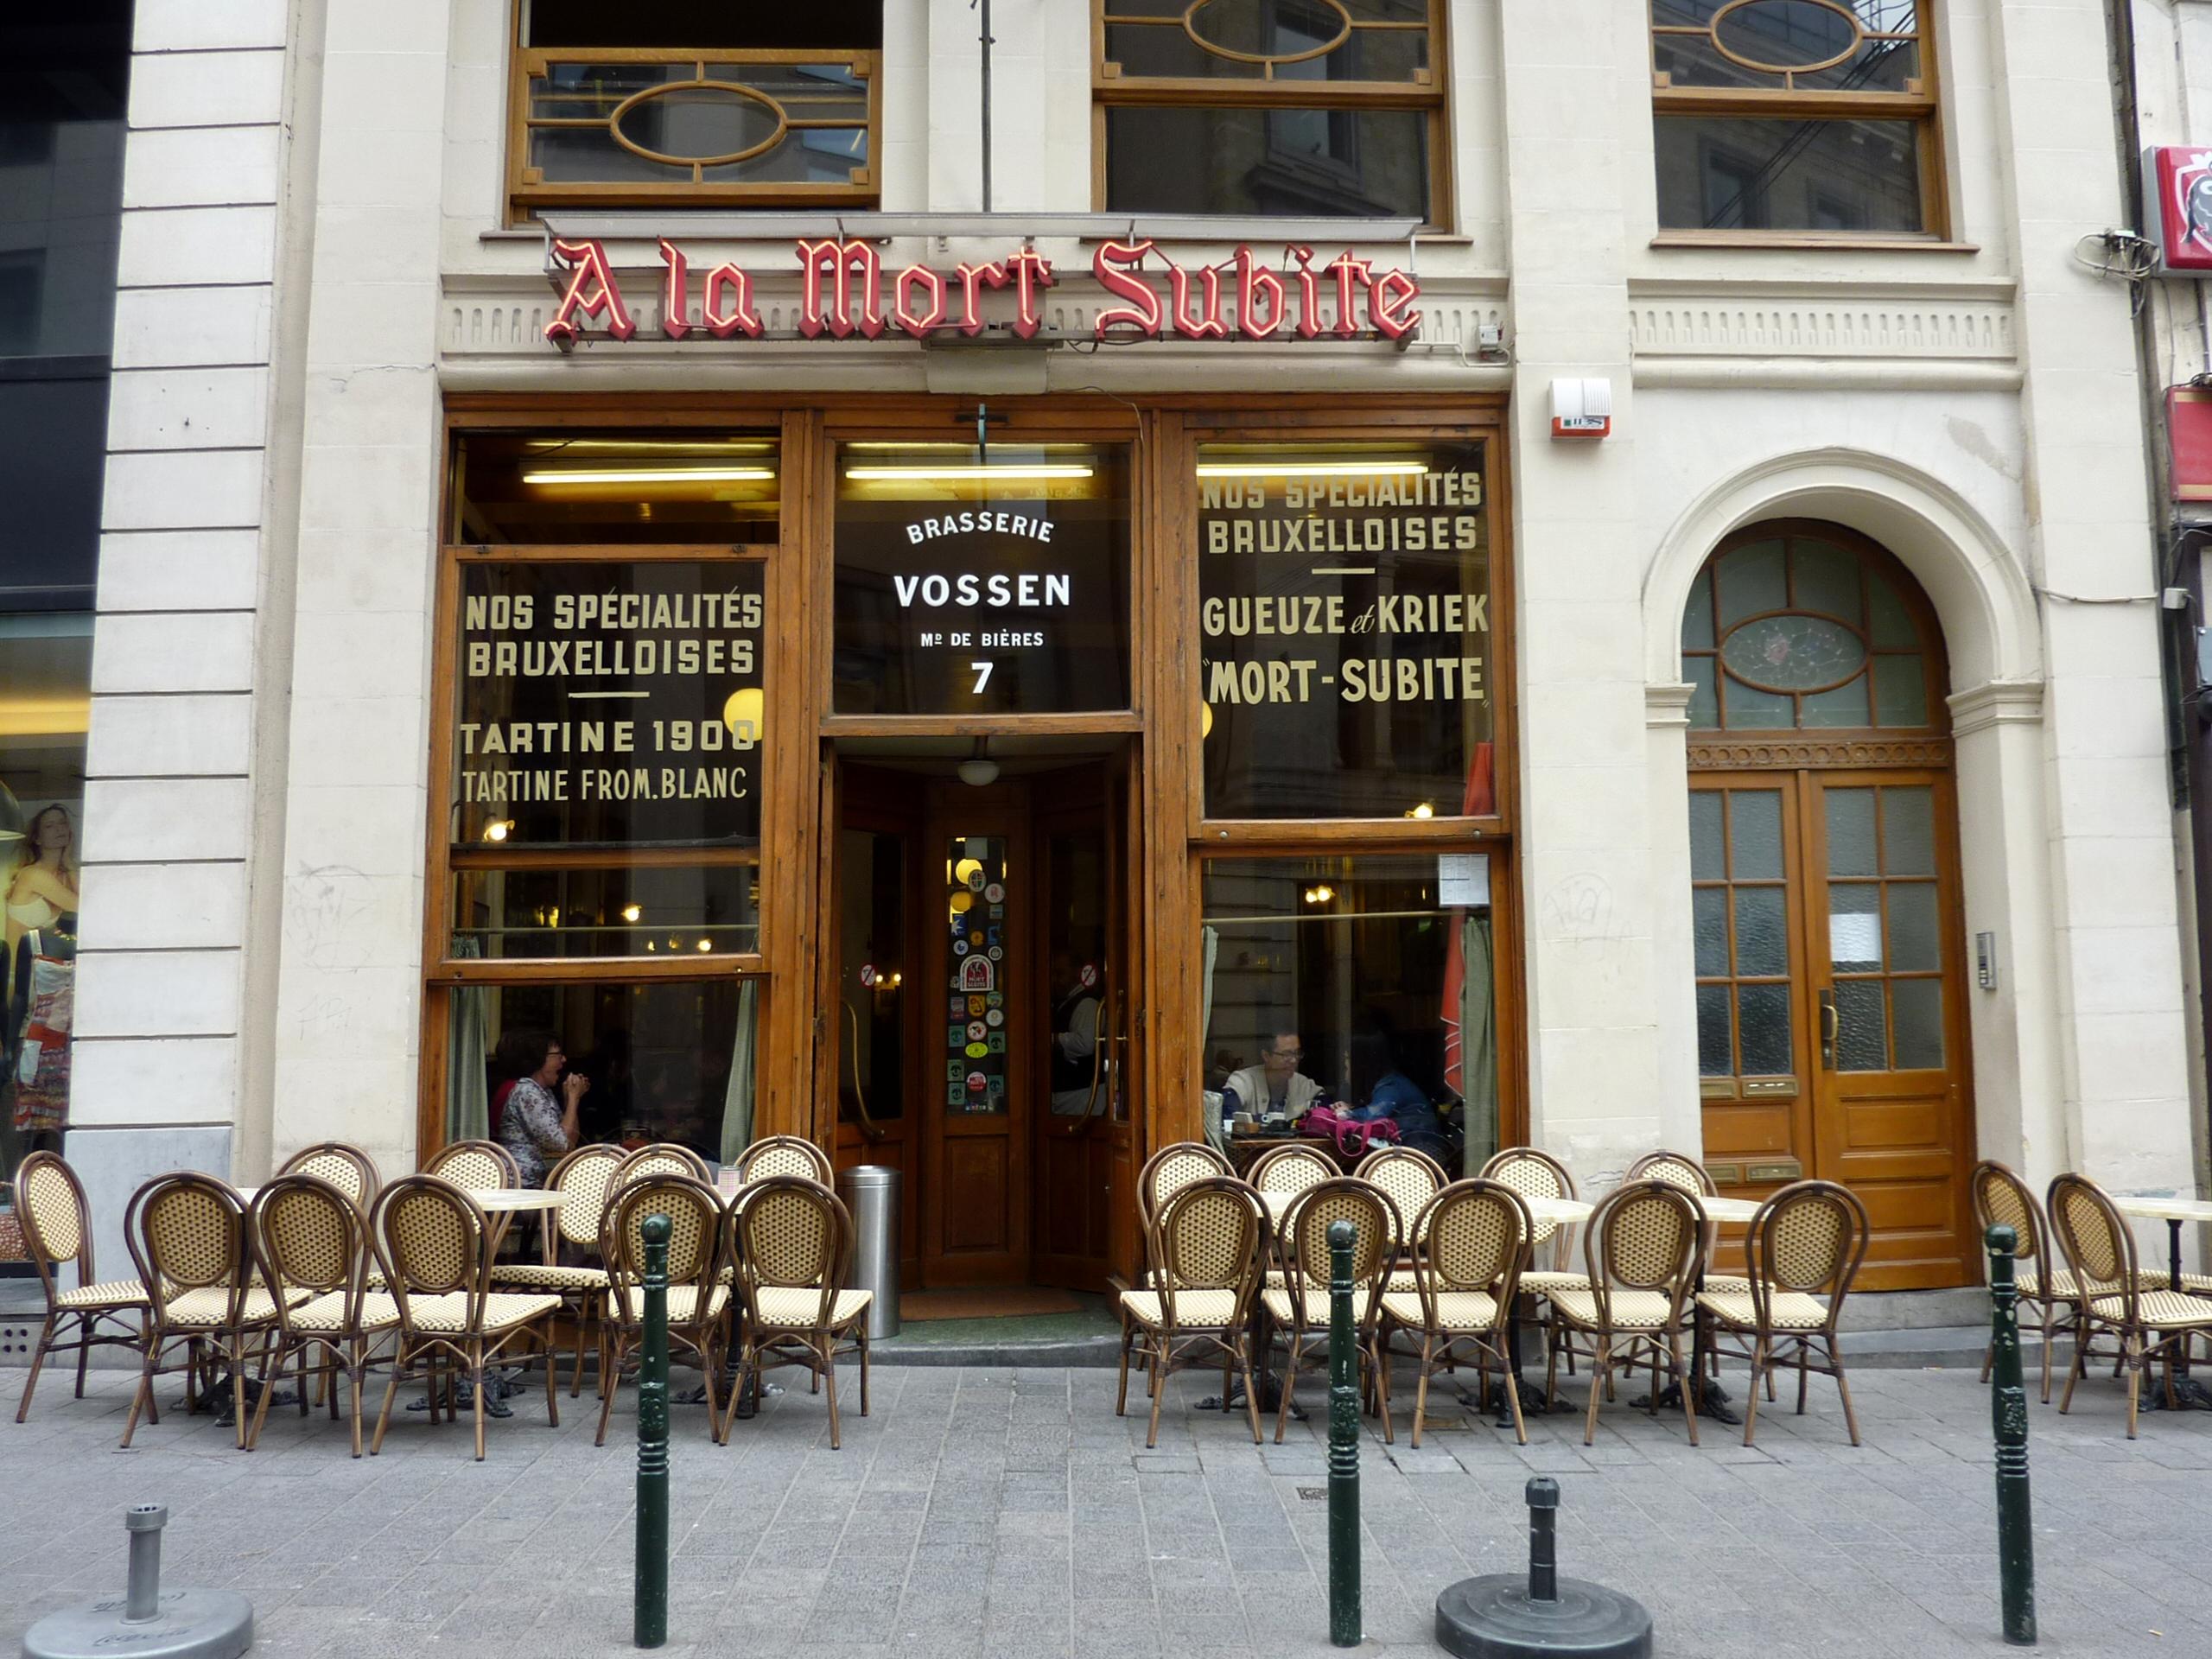 Fichier 038 Caf 233 La Mort Subite Bruxelles Jpg Wikip 233 Dia